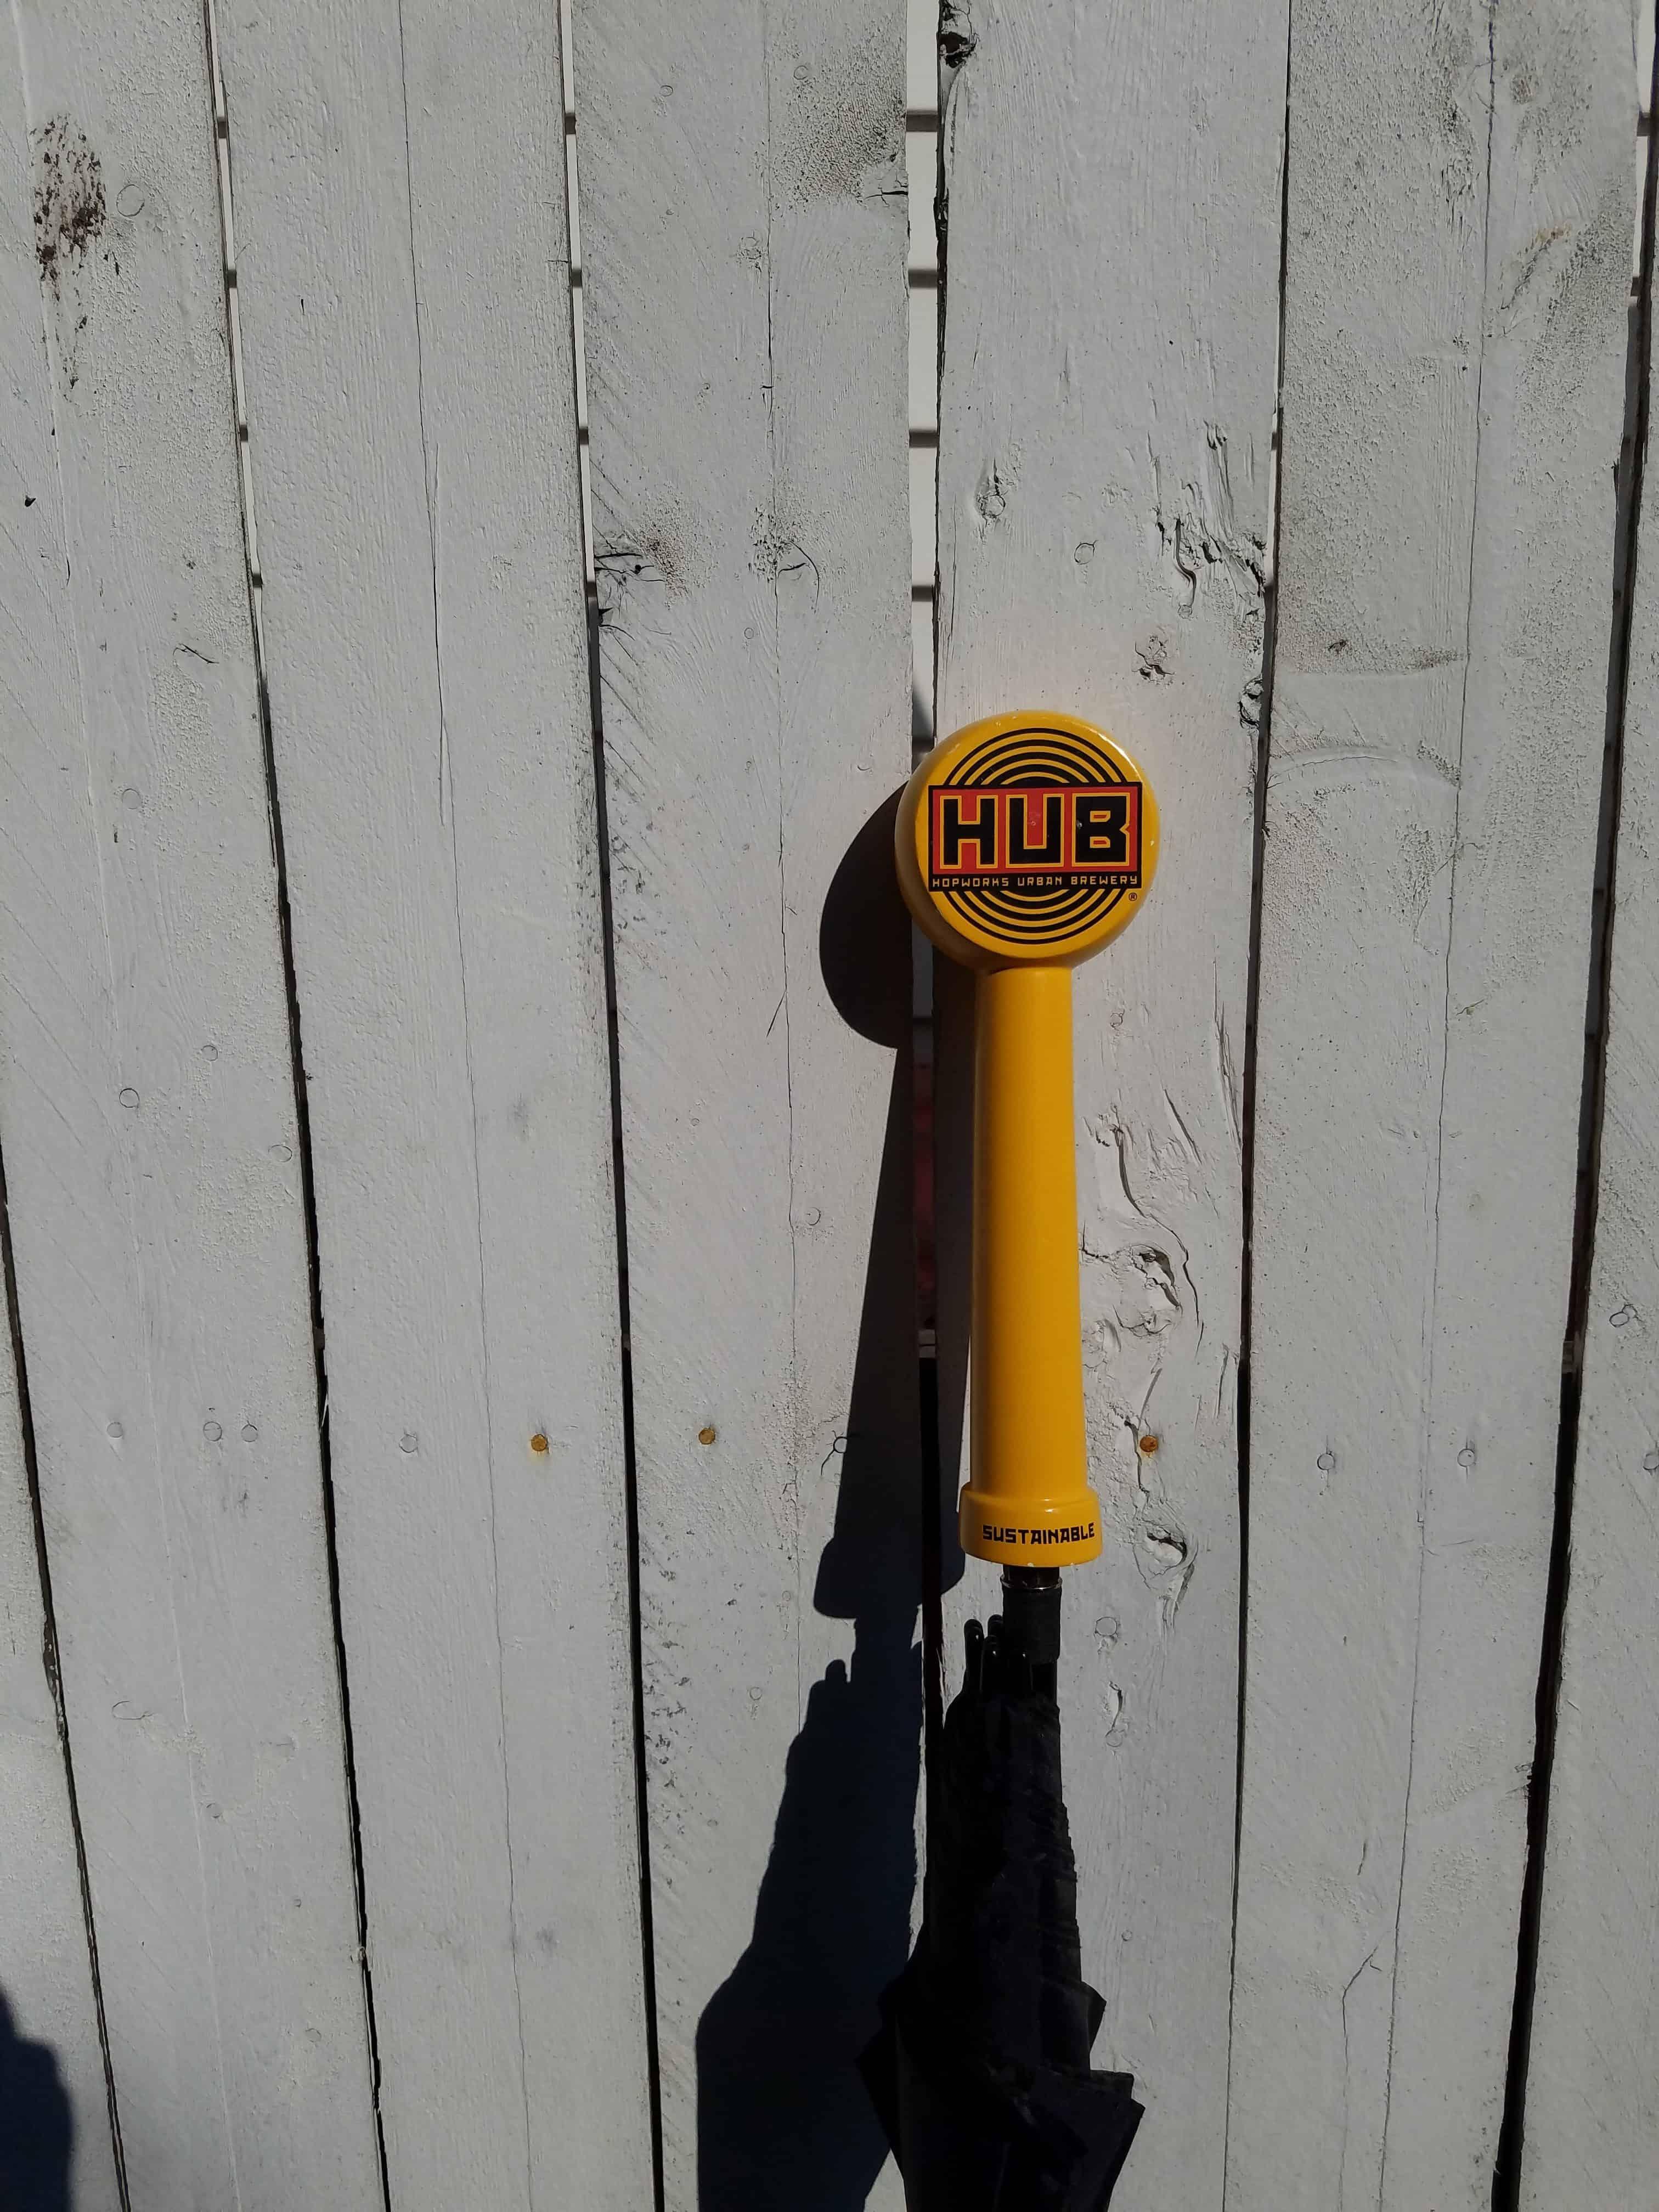 Hopworks (HUB) Tap Handle Umbrella